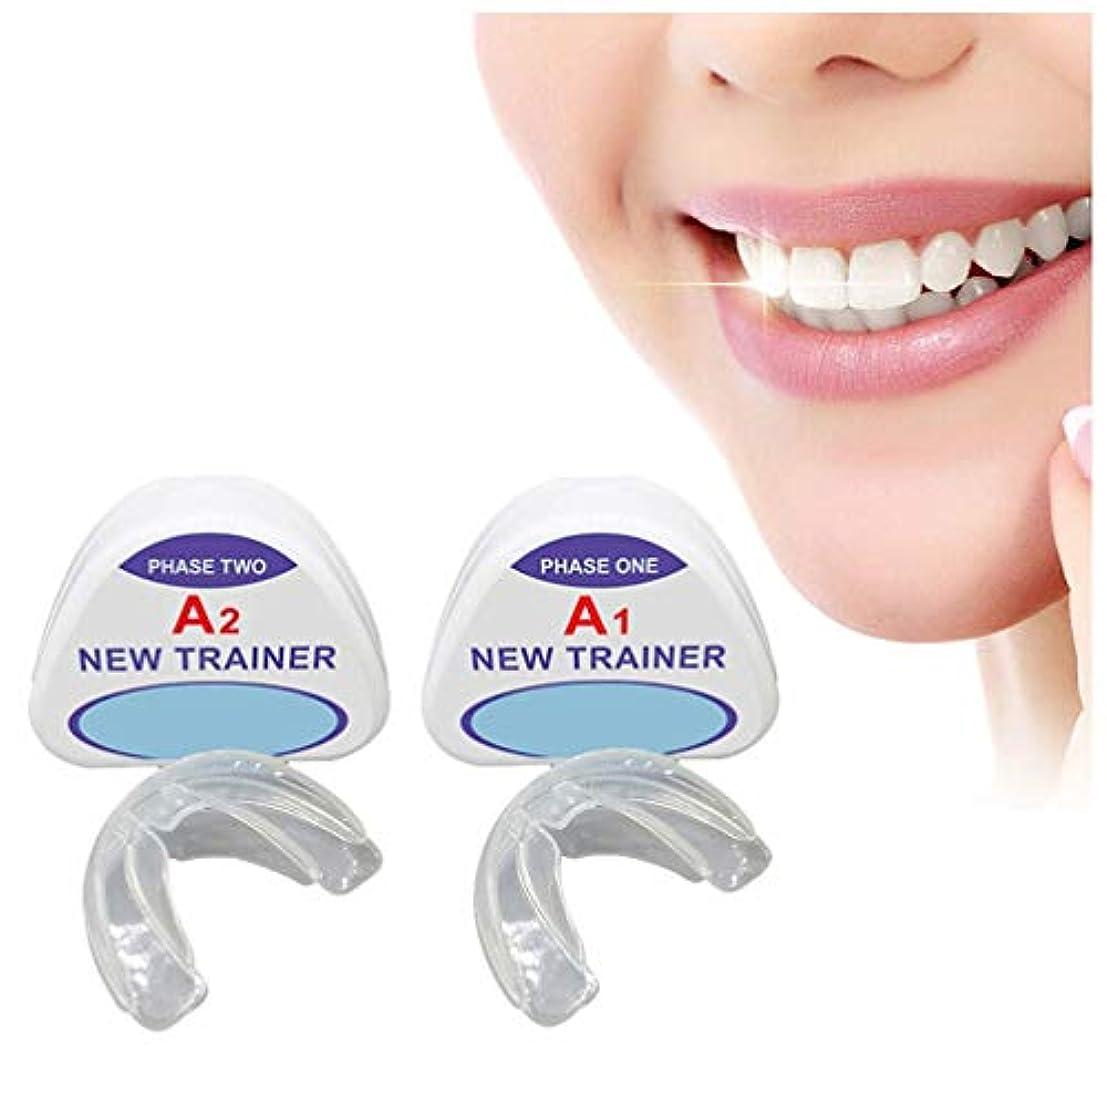 のぞき見はず懐疑論歯列矯正トレーナーリテーナー、歯科用マウスガード歯列矯正器具、歯用器具夜予防臼歯ブレース